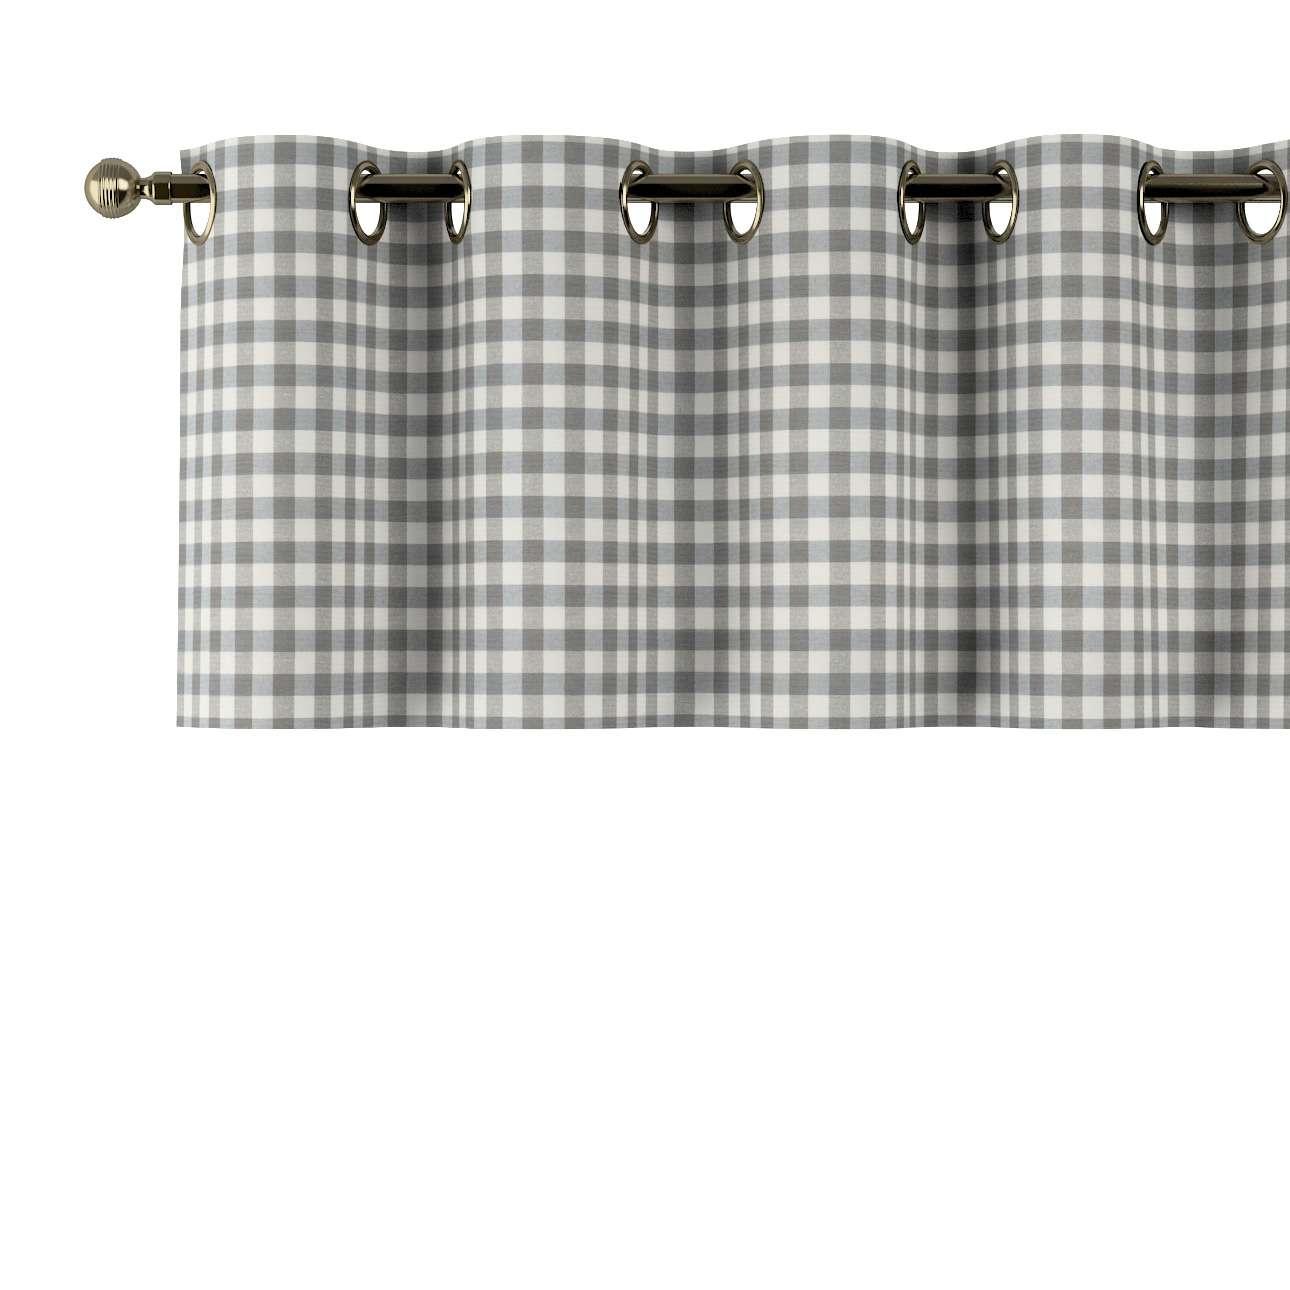 Lambrekin na kółkach 130x40cm w kolekcji Quadro, tkanina: 136-11